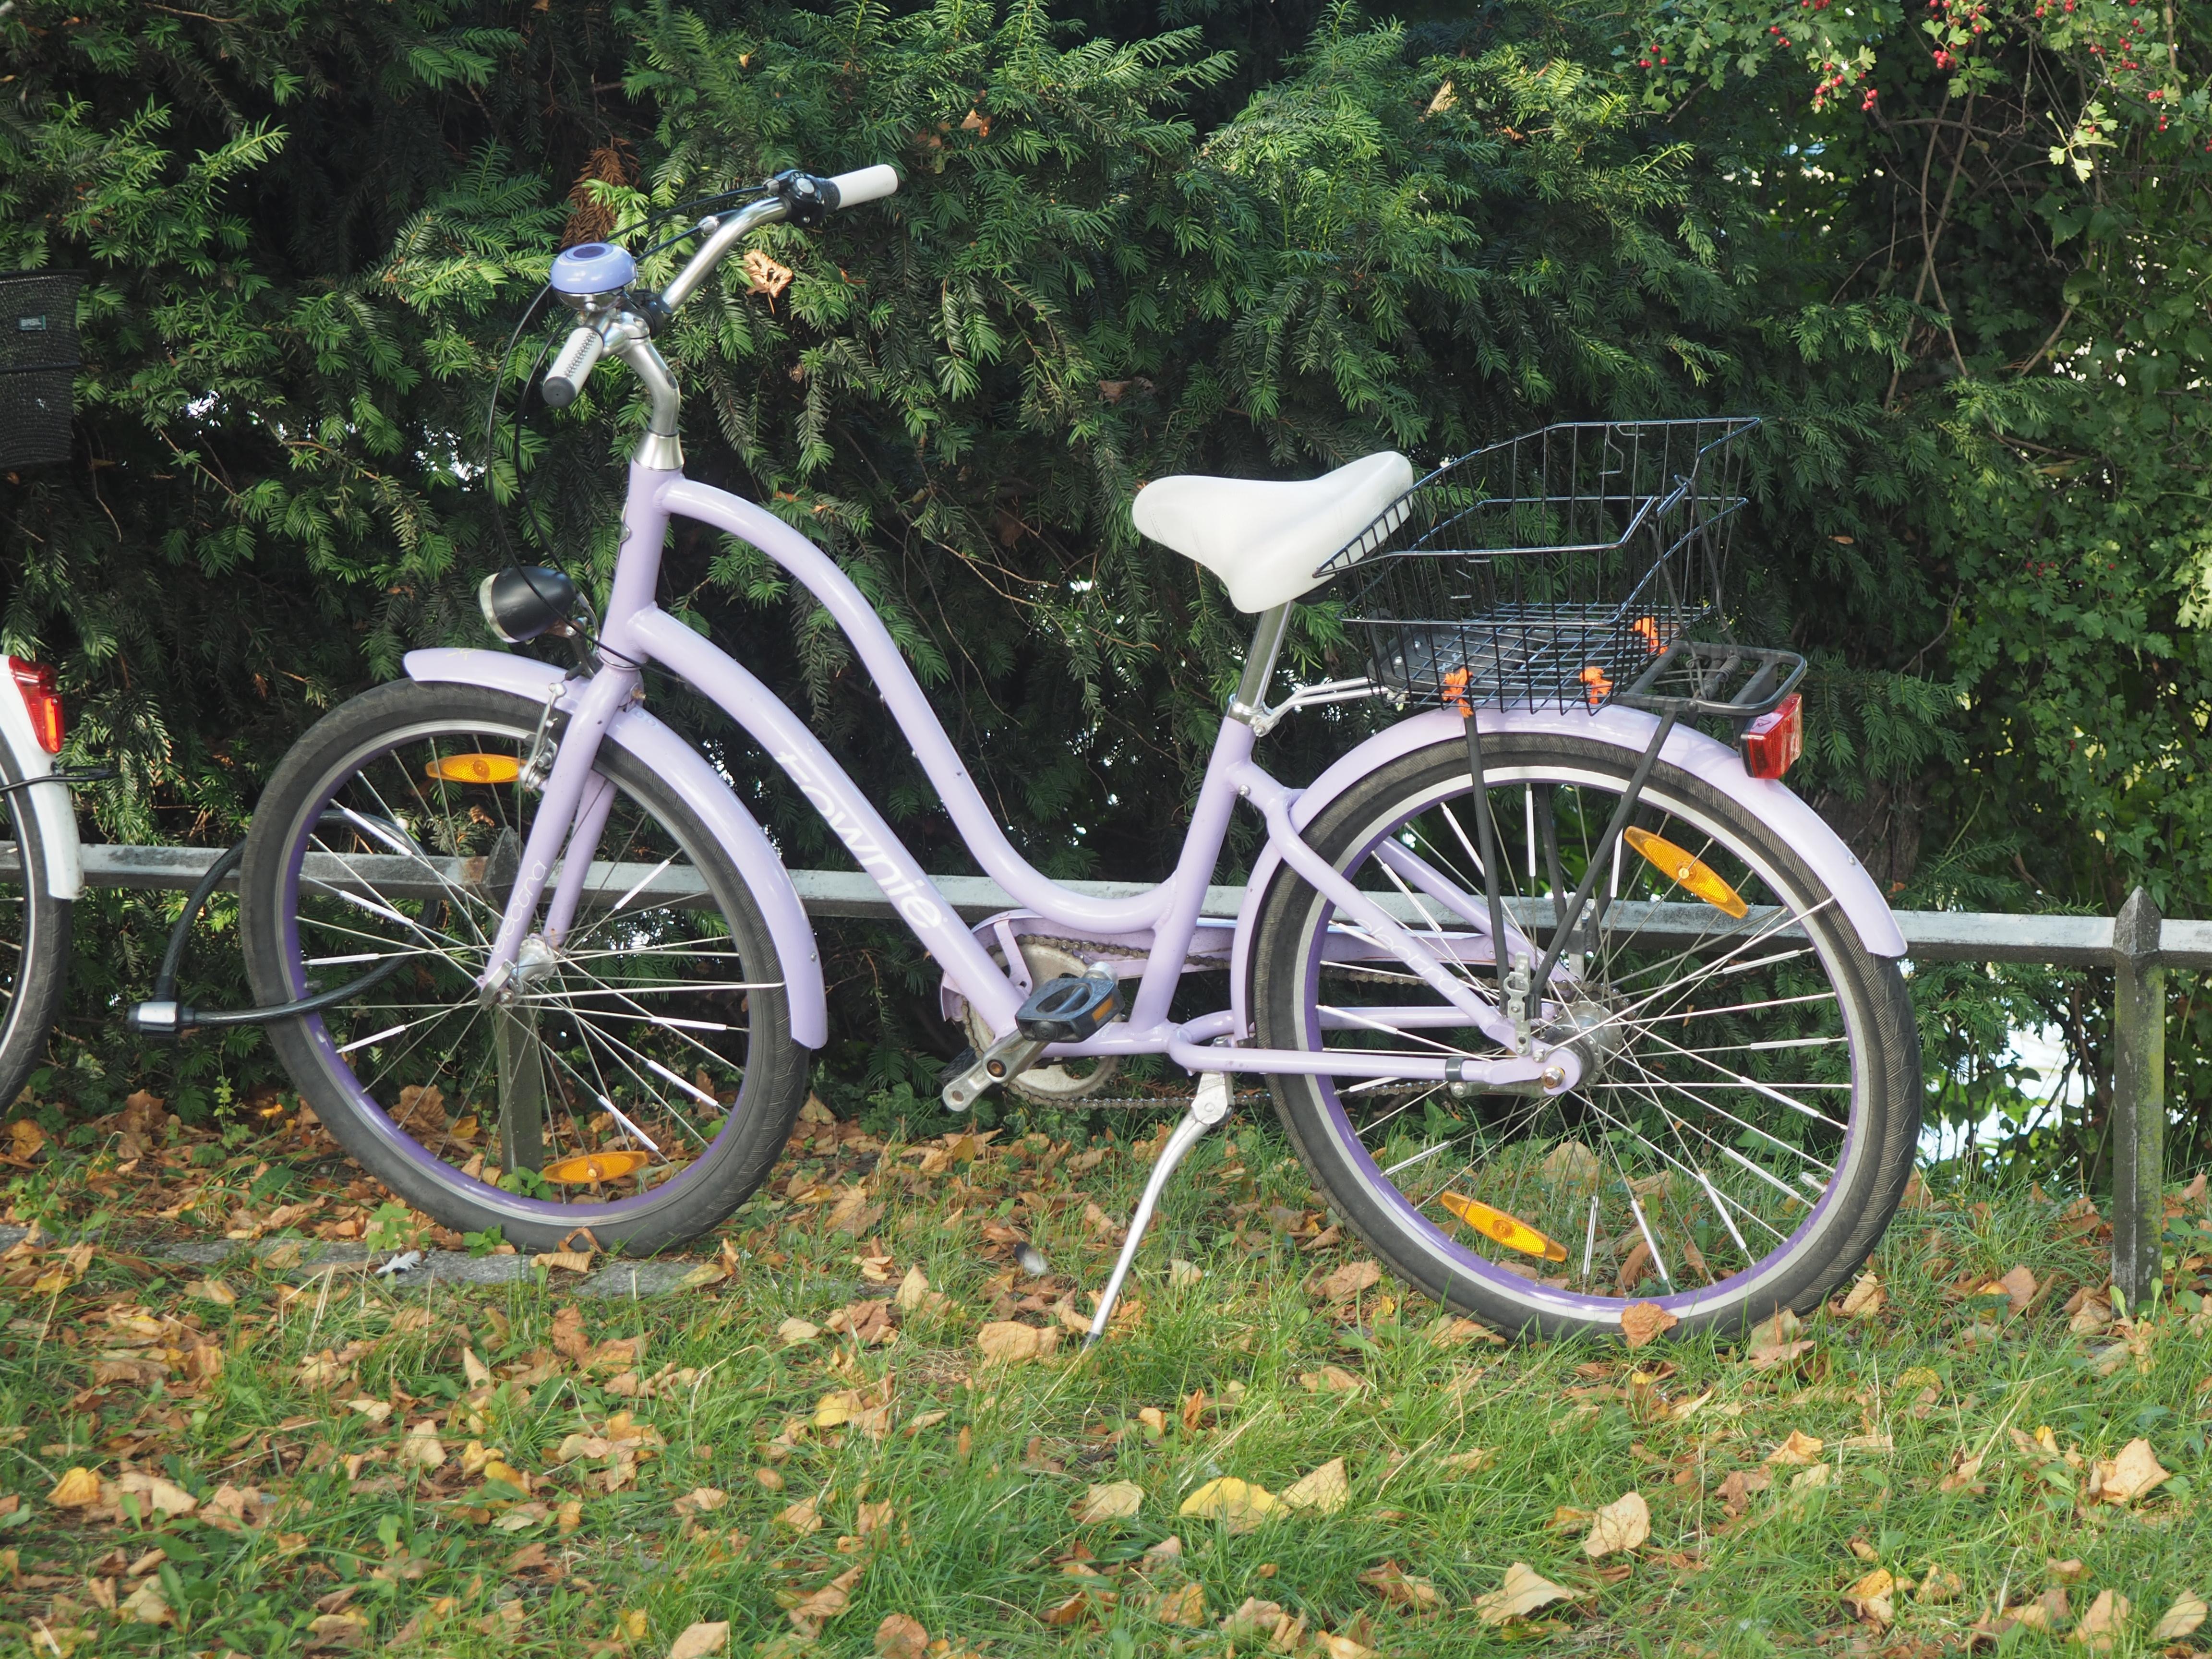 Wenn ich ein Fahrrad hätte, hätte ich gerne eines wie das :)